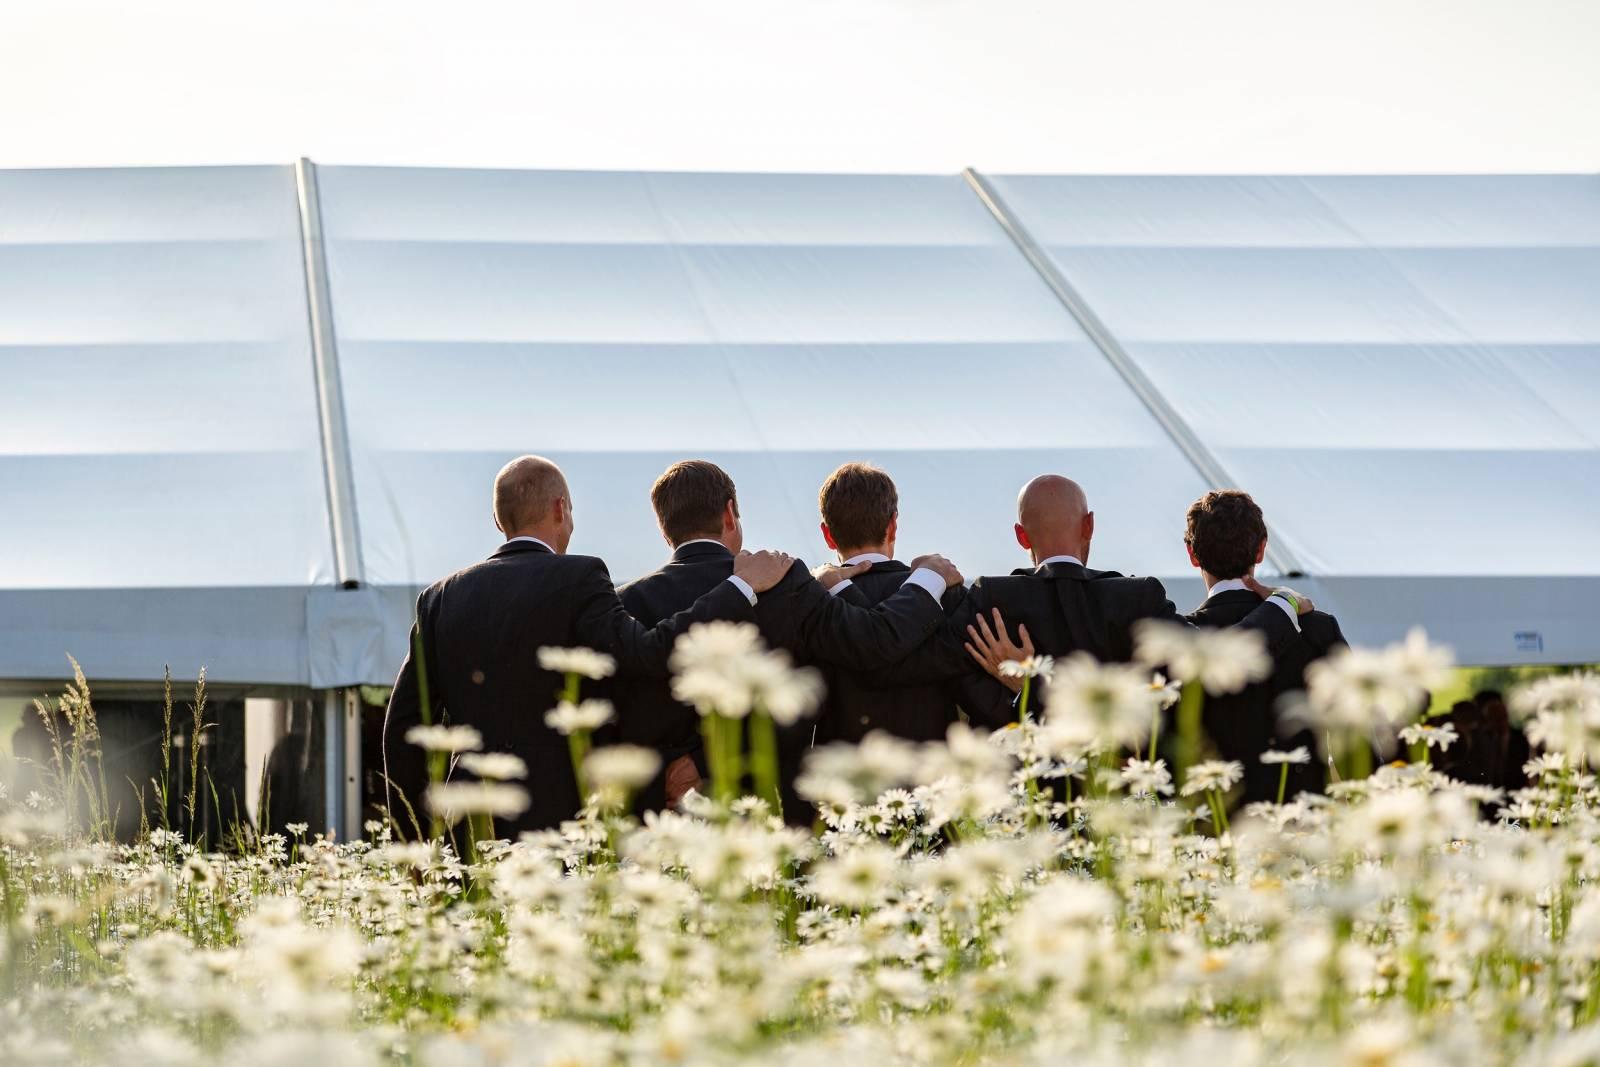 Tentmoment - Feesttent - Tent Event - Verhuur Tenten - Fotograaf Jurgen De Witte - House of Events - 19